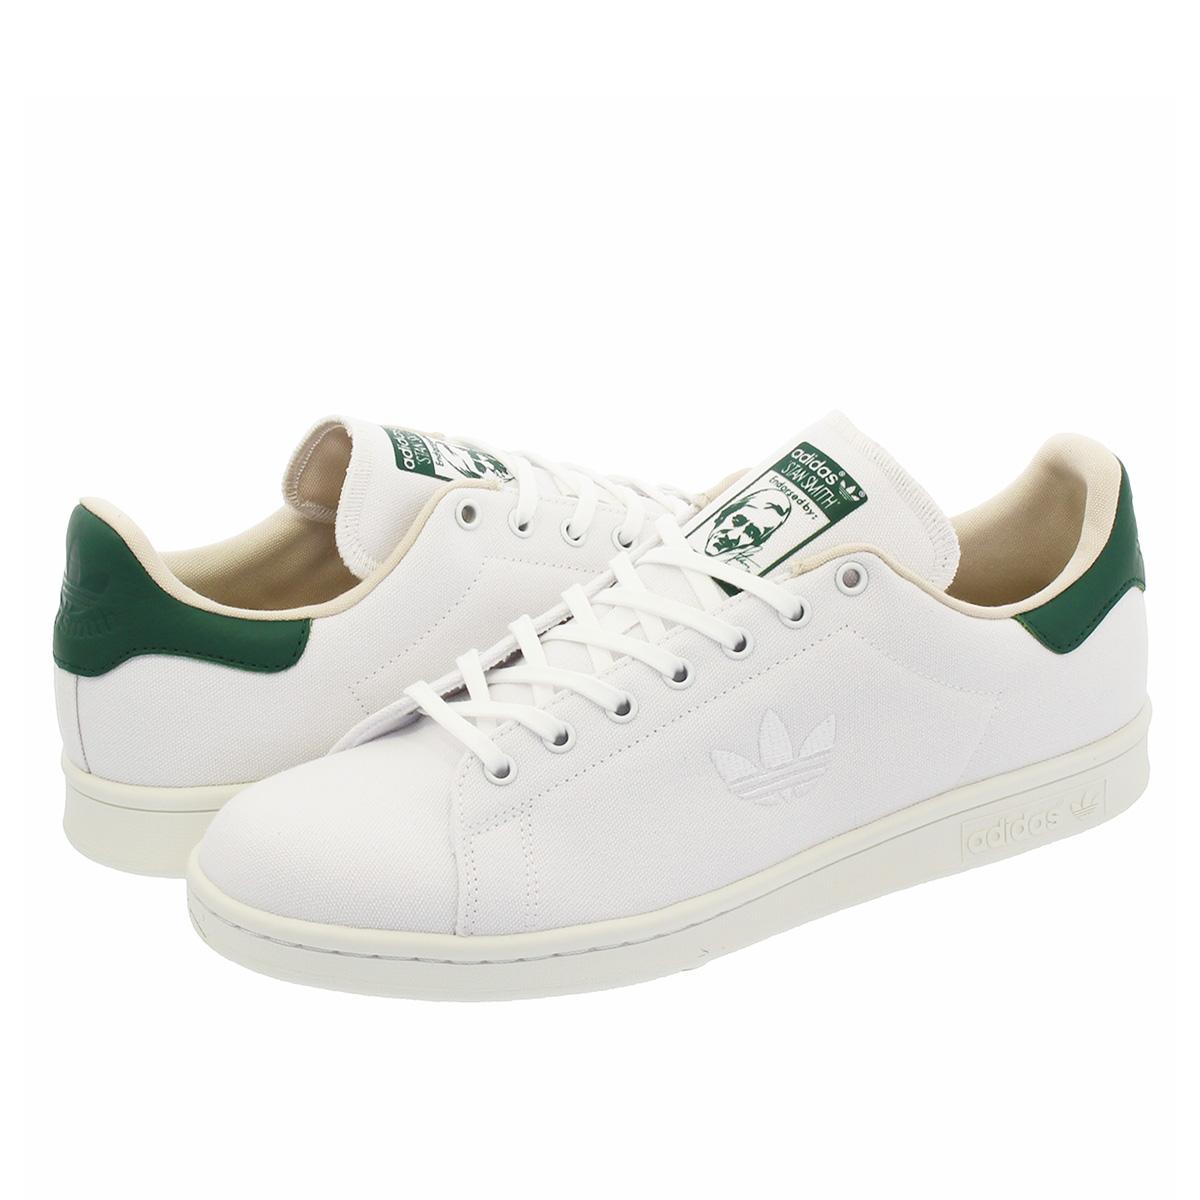 【毎日がお得!値下げプライス】 adidas STAN SMITH 【adidas Originals】【メンズ】【レディース】 アディダス スタンスミス RUNNING WHITE/RUNNING WHITE/COLLEGE GREEN d96737